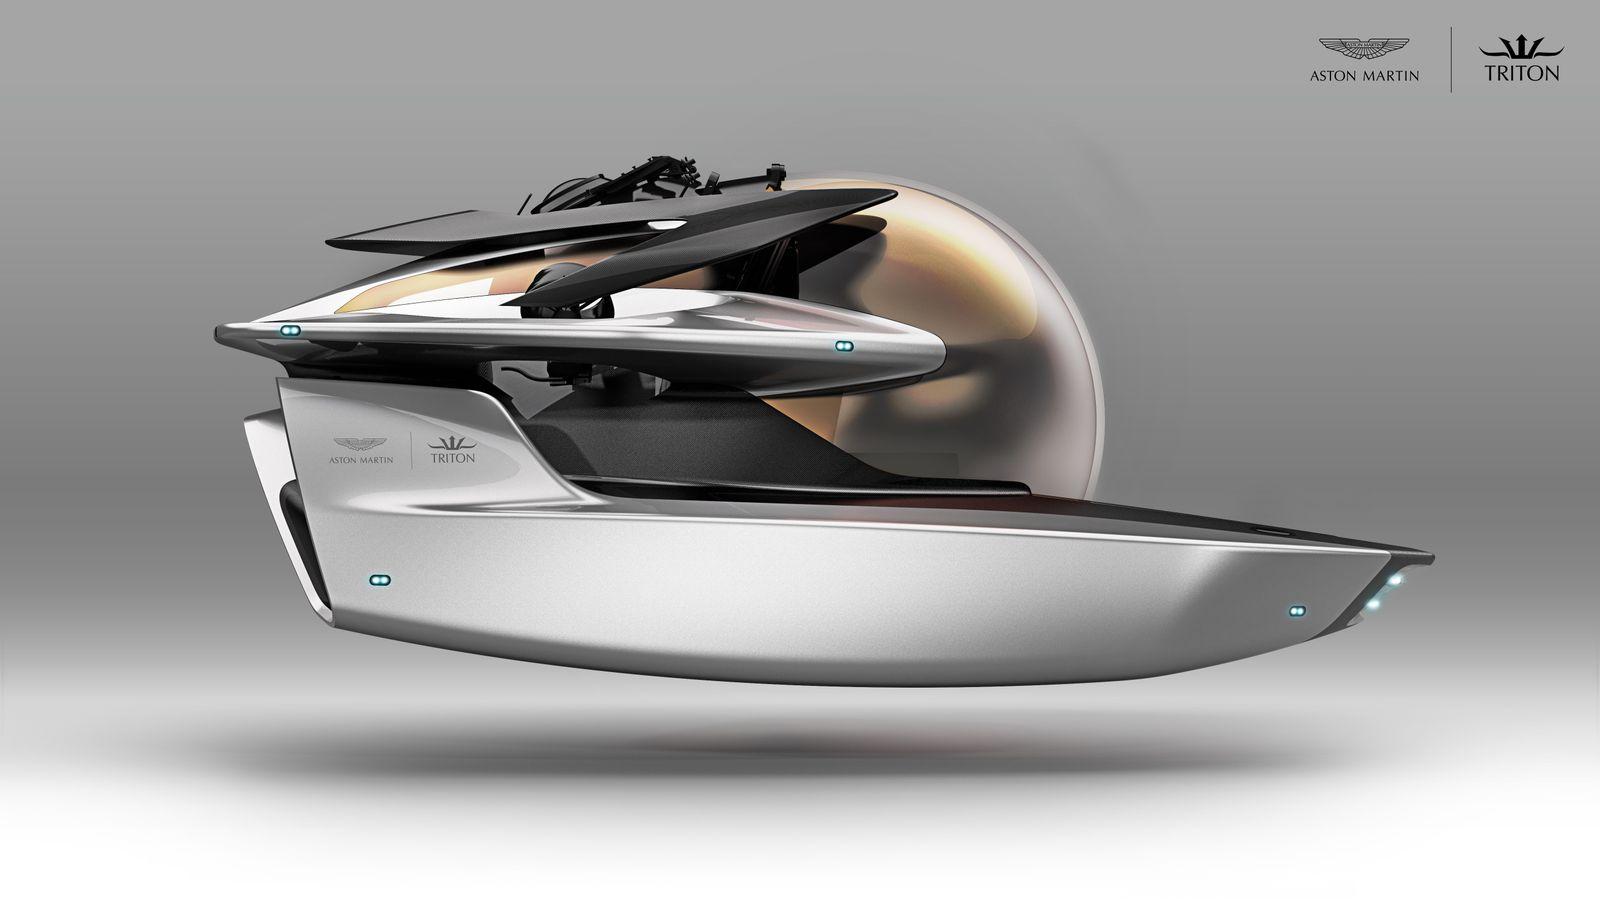 Projekt Neptune: Triton an Aston Martin